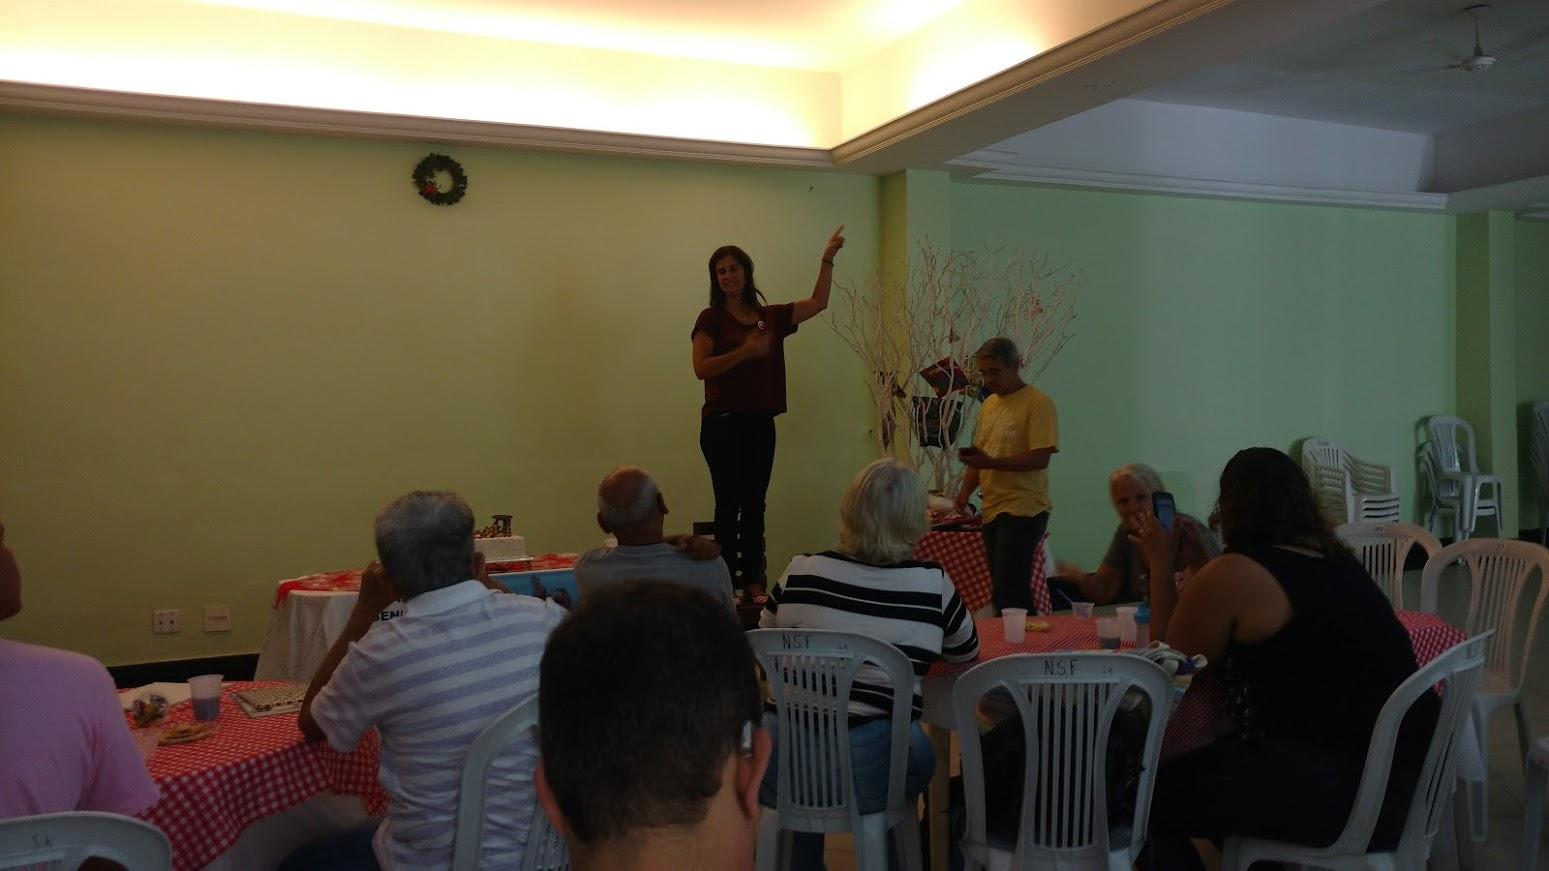 Janise, surda, casada com surdo e mãe de dois filhos ouvintes, é uma das Coordenadoras do Regional Leste 1 organizando o Amigo Oculto.